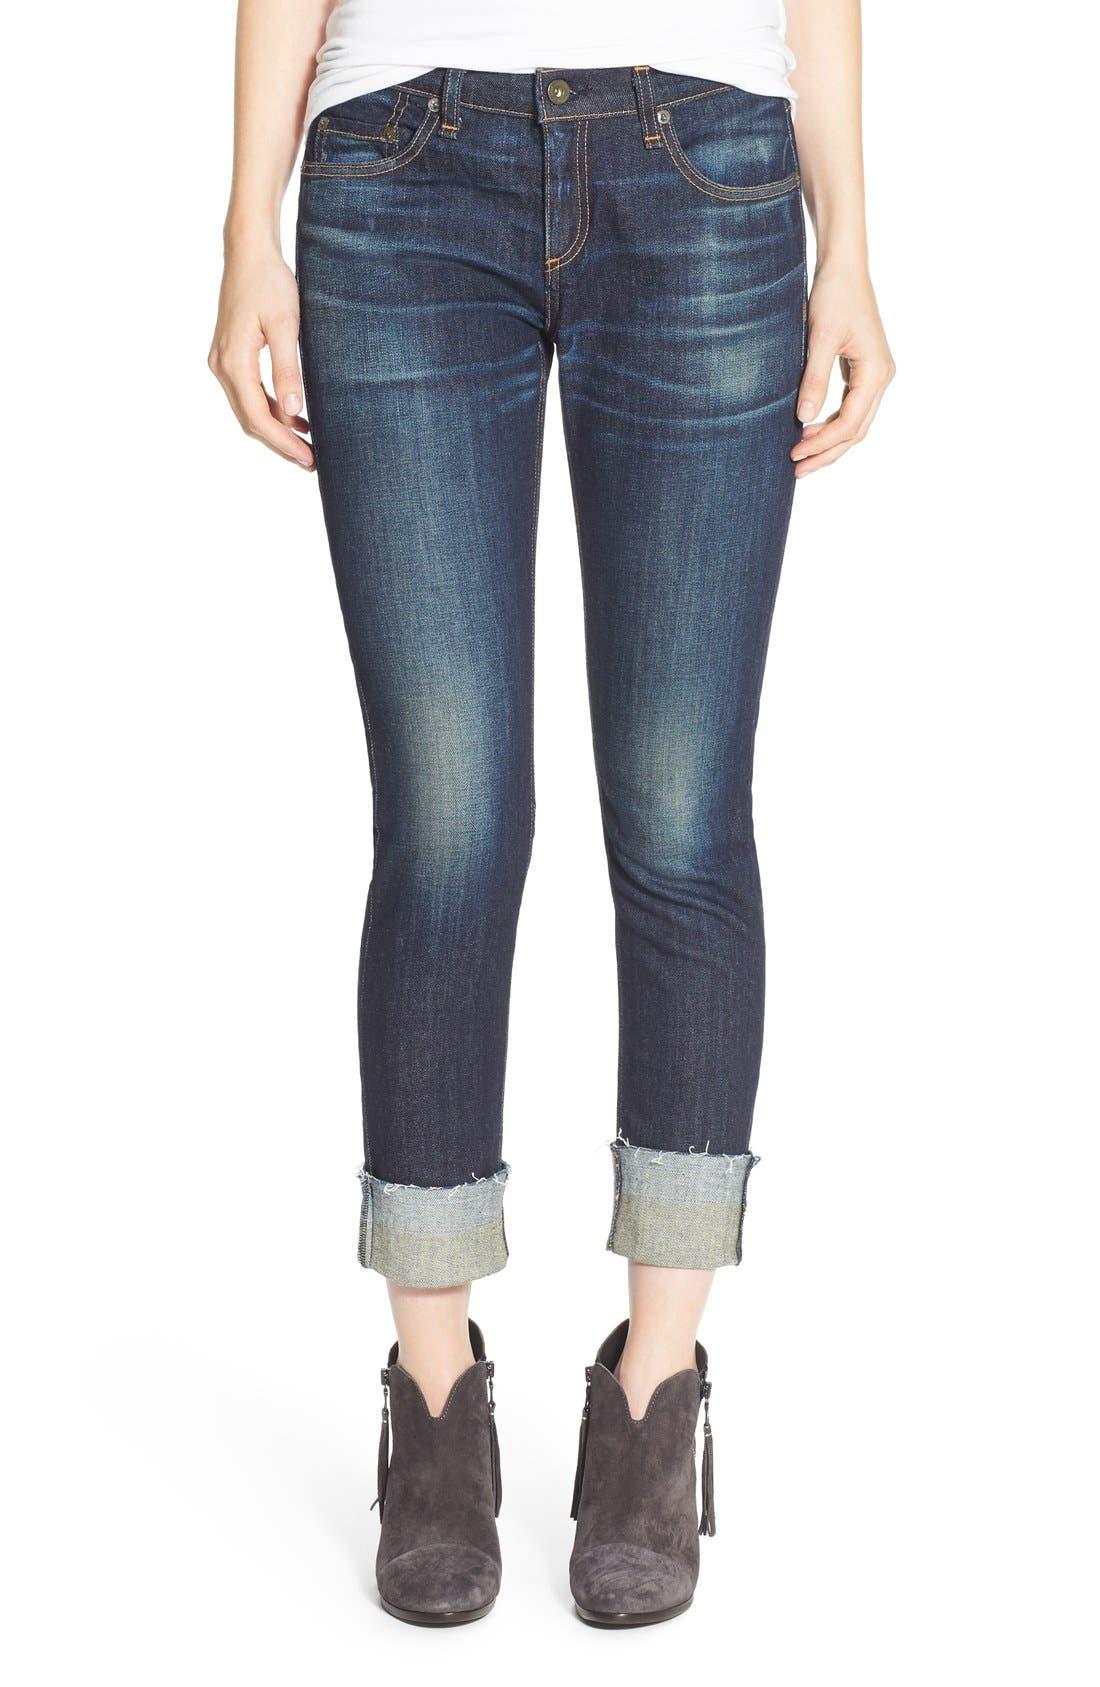 /JEAN 'The Dre' Slim Fit Boyfriend Jeans, Main, color, 402